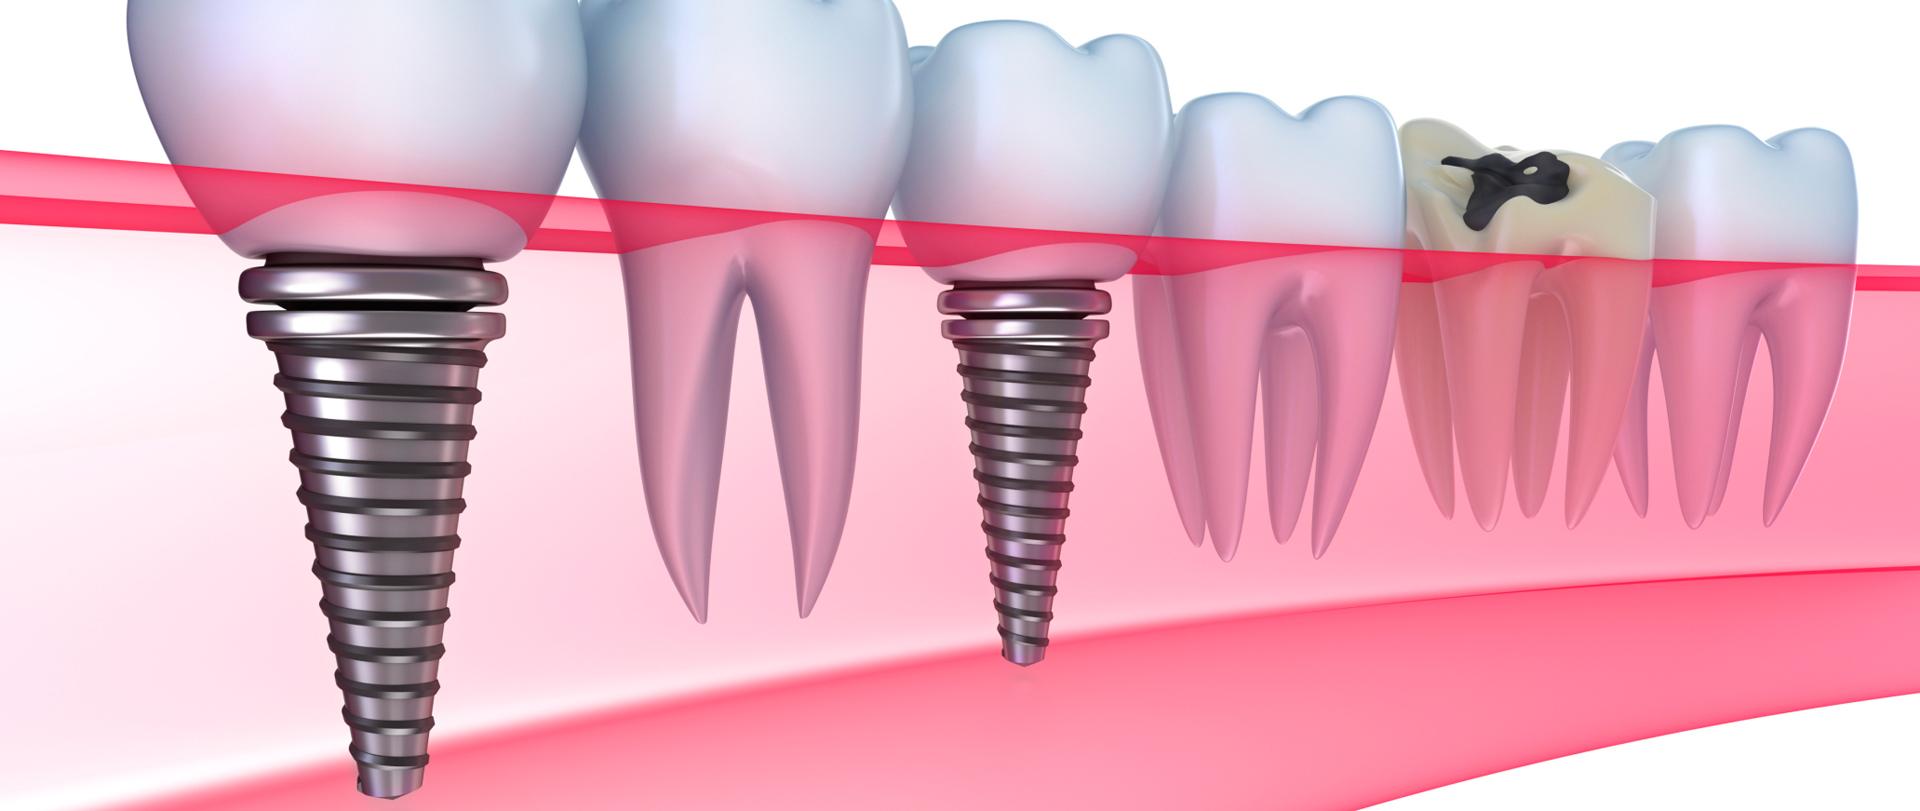 Cena zobnega implantata